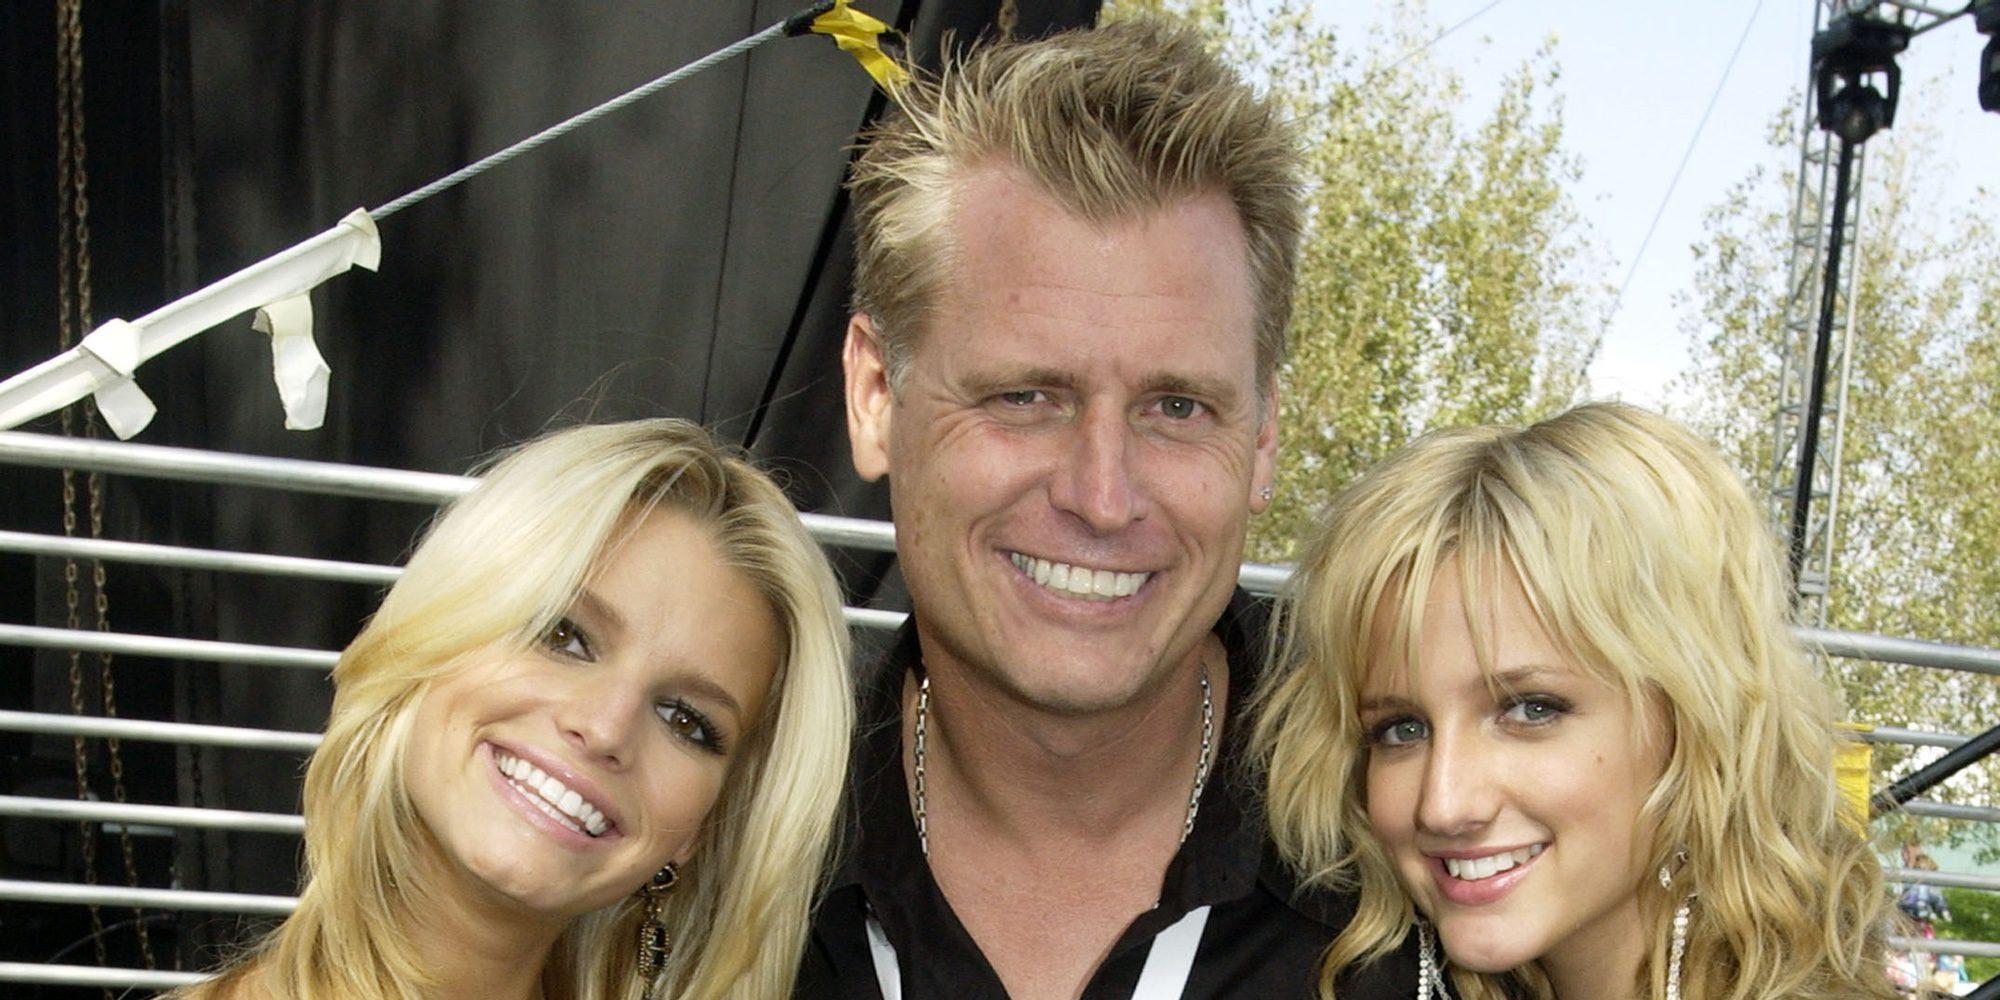 Joe Simpson, padre de Jessica y Ashlee Simpson, ha superado el cáncer que le diagnosticaron en septiembre